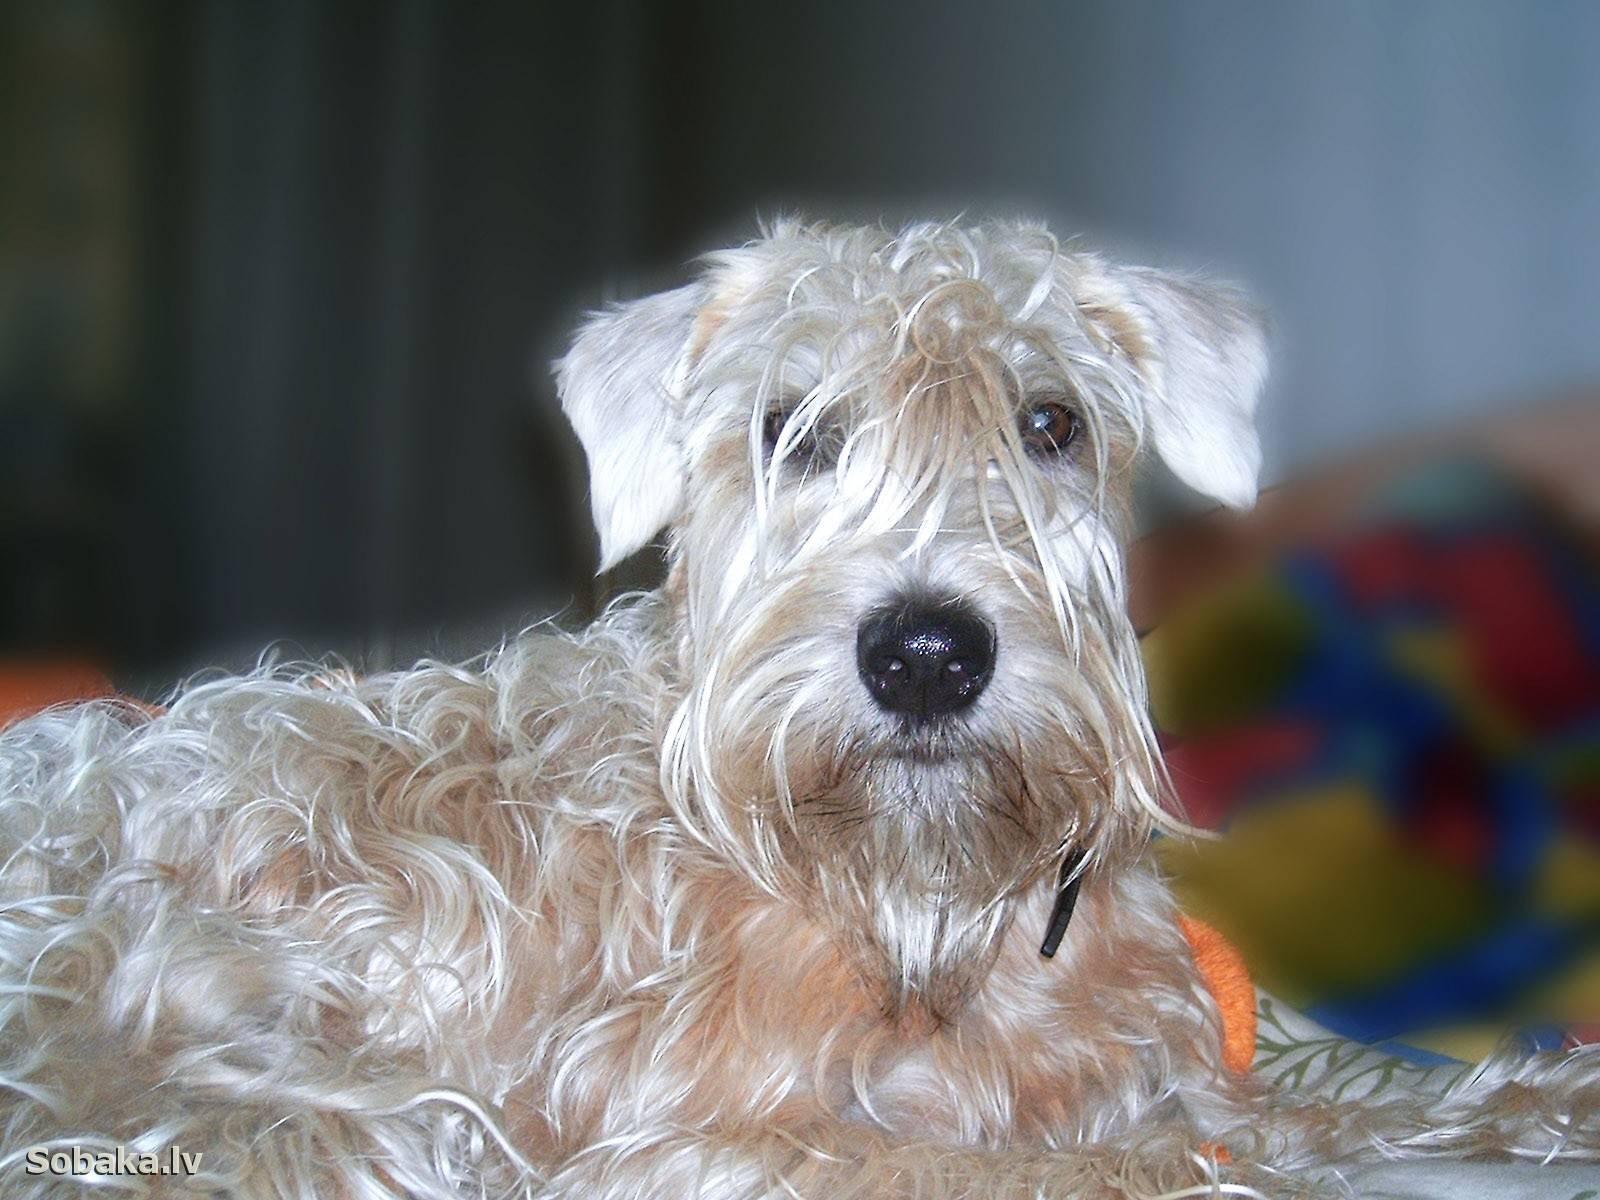 Ирландский мягкошерстный пшеничный терьер. о породе собак: описание породы ирландский мягкошерстный пшеничный терьер, цены, фото, уход